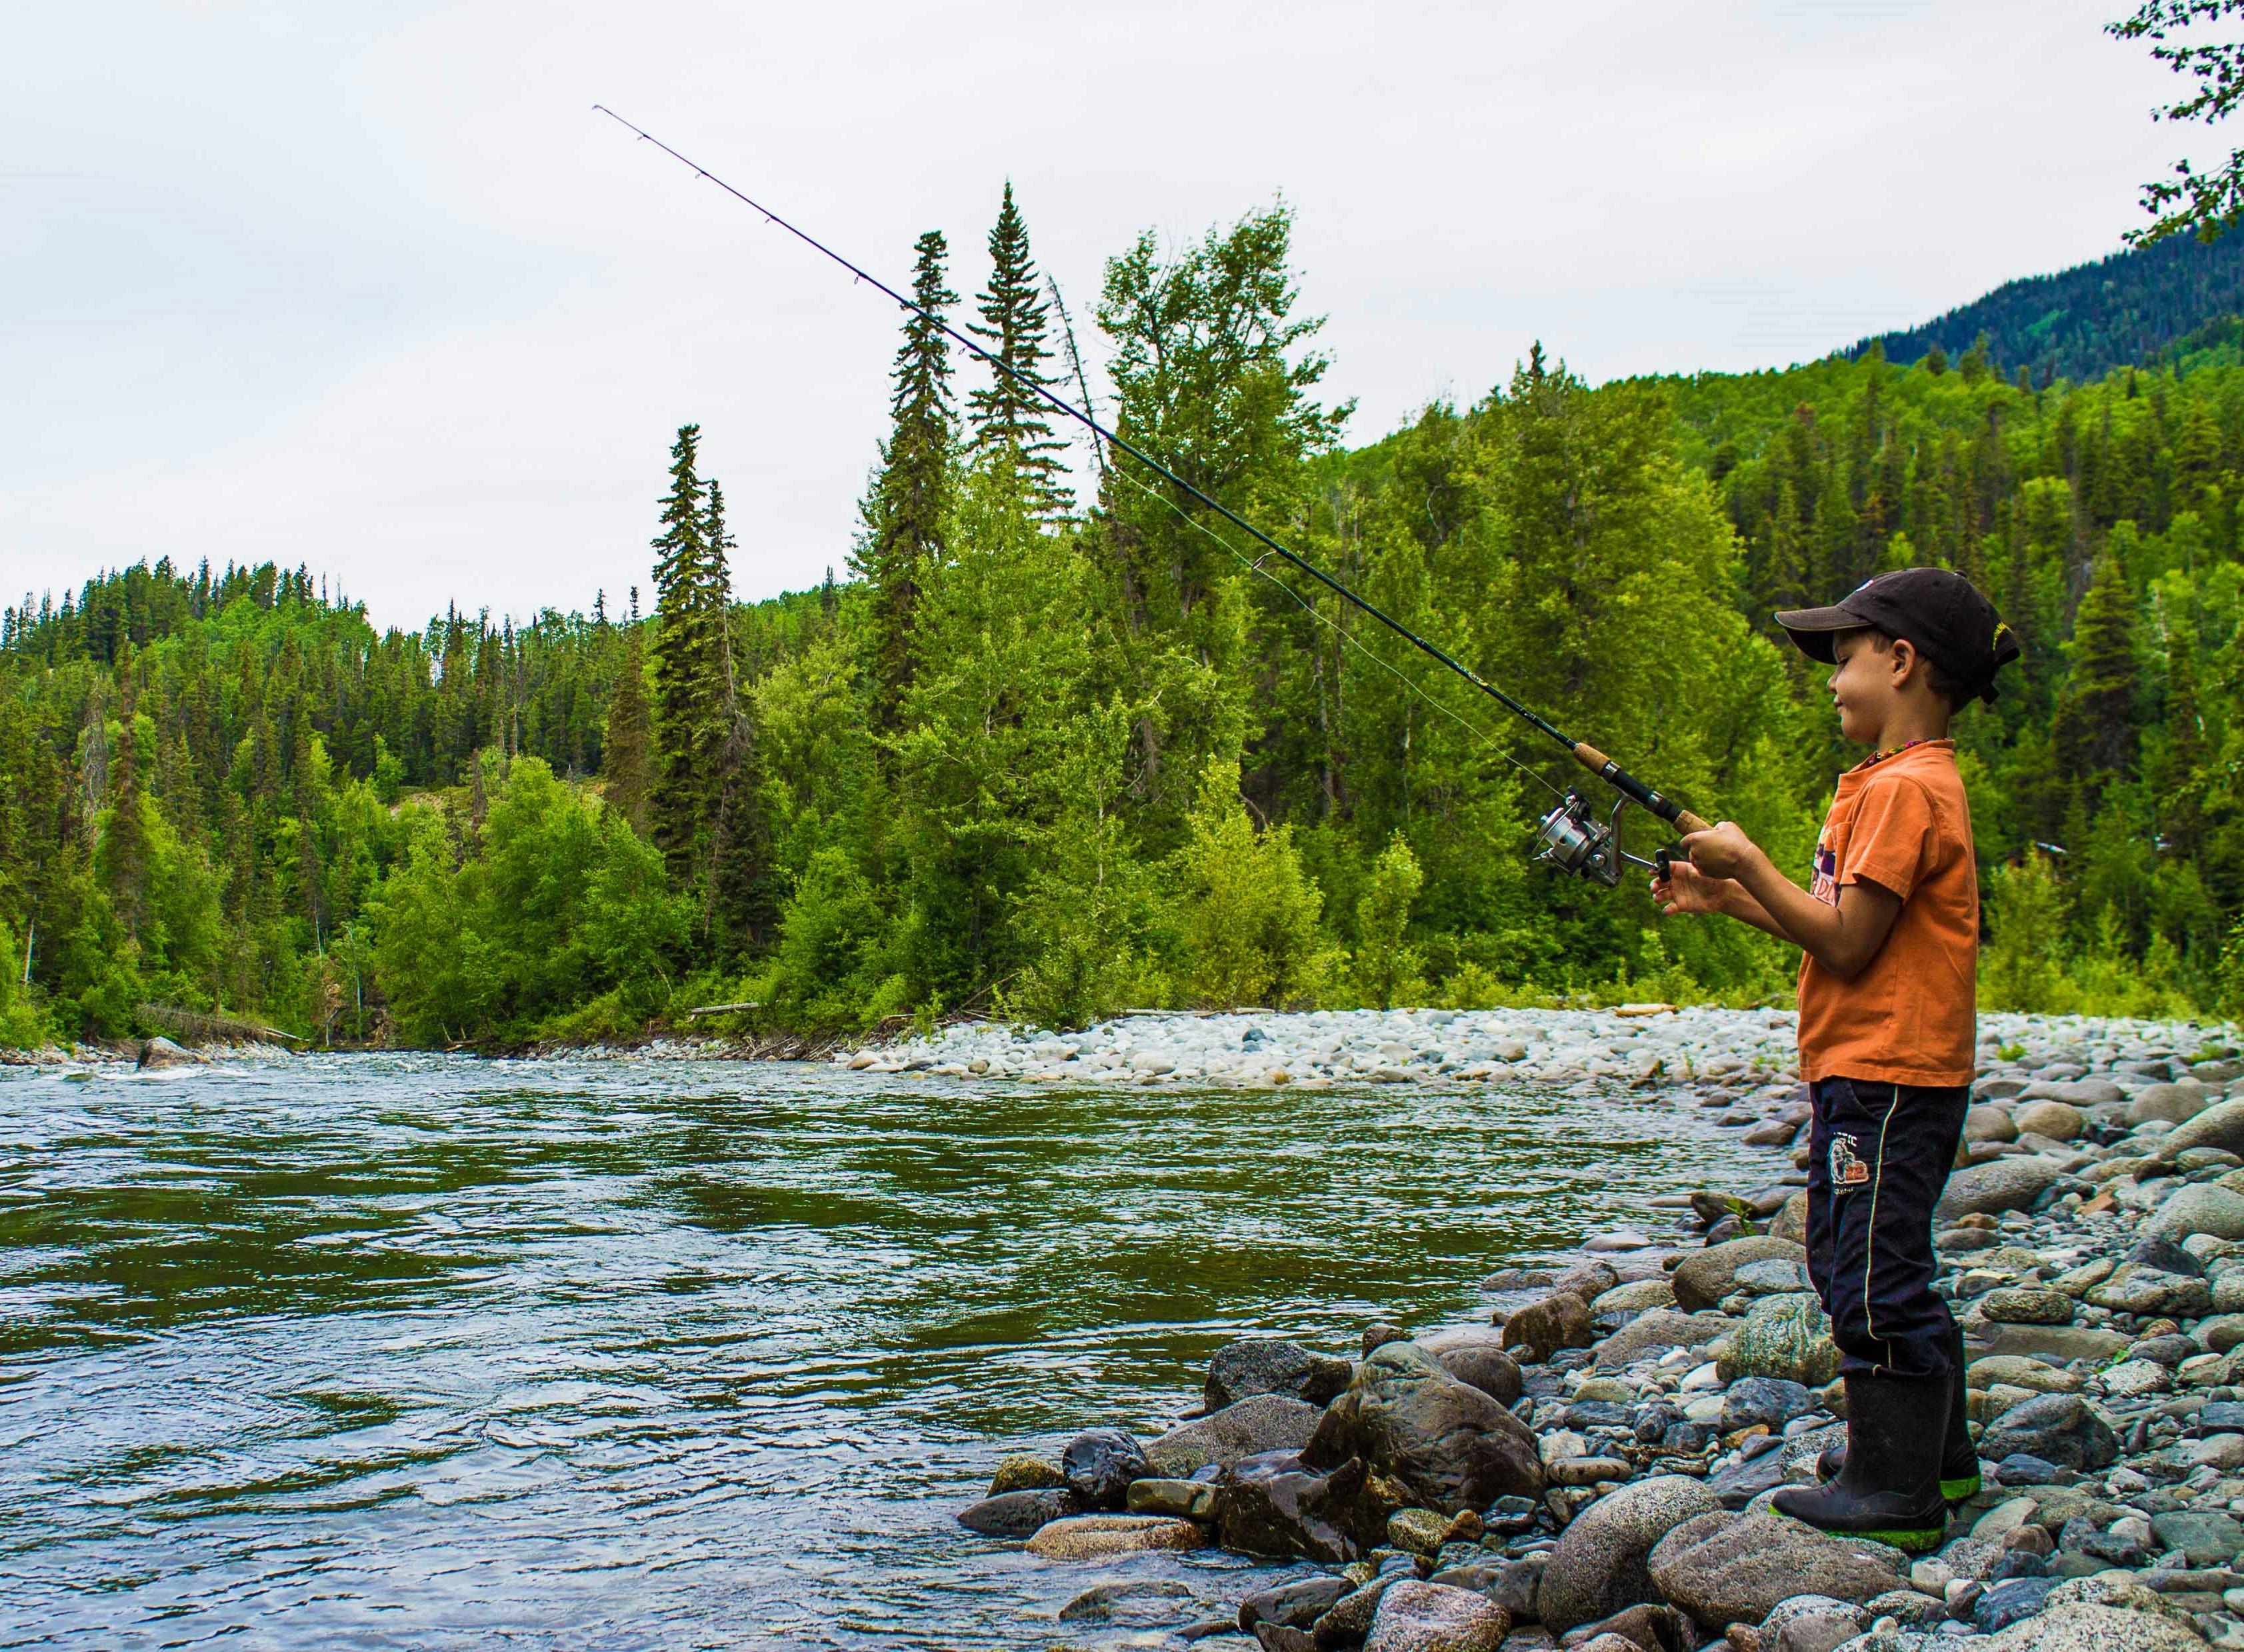 Fischen ist bei jungen im trend sfvz for Was ist im trend